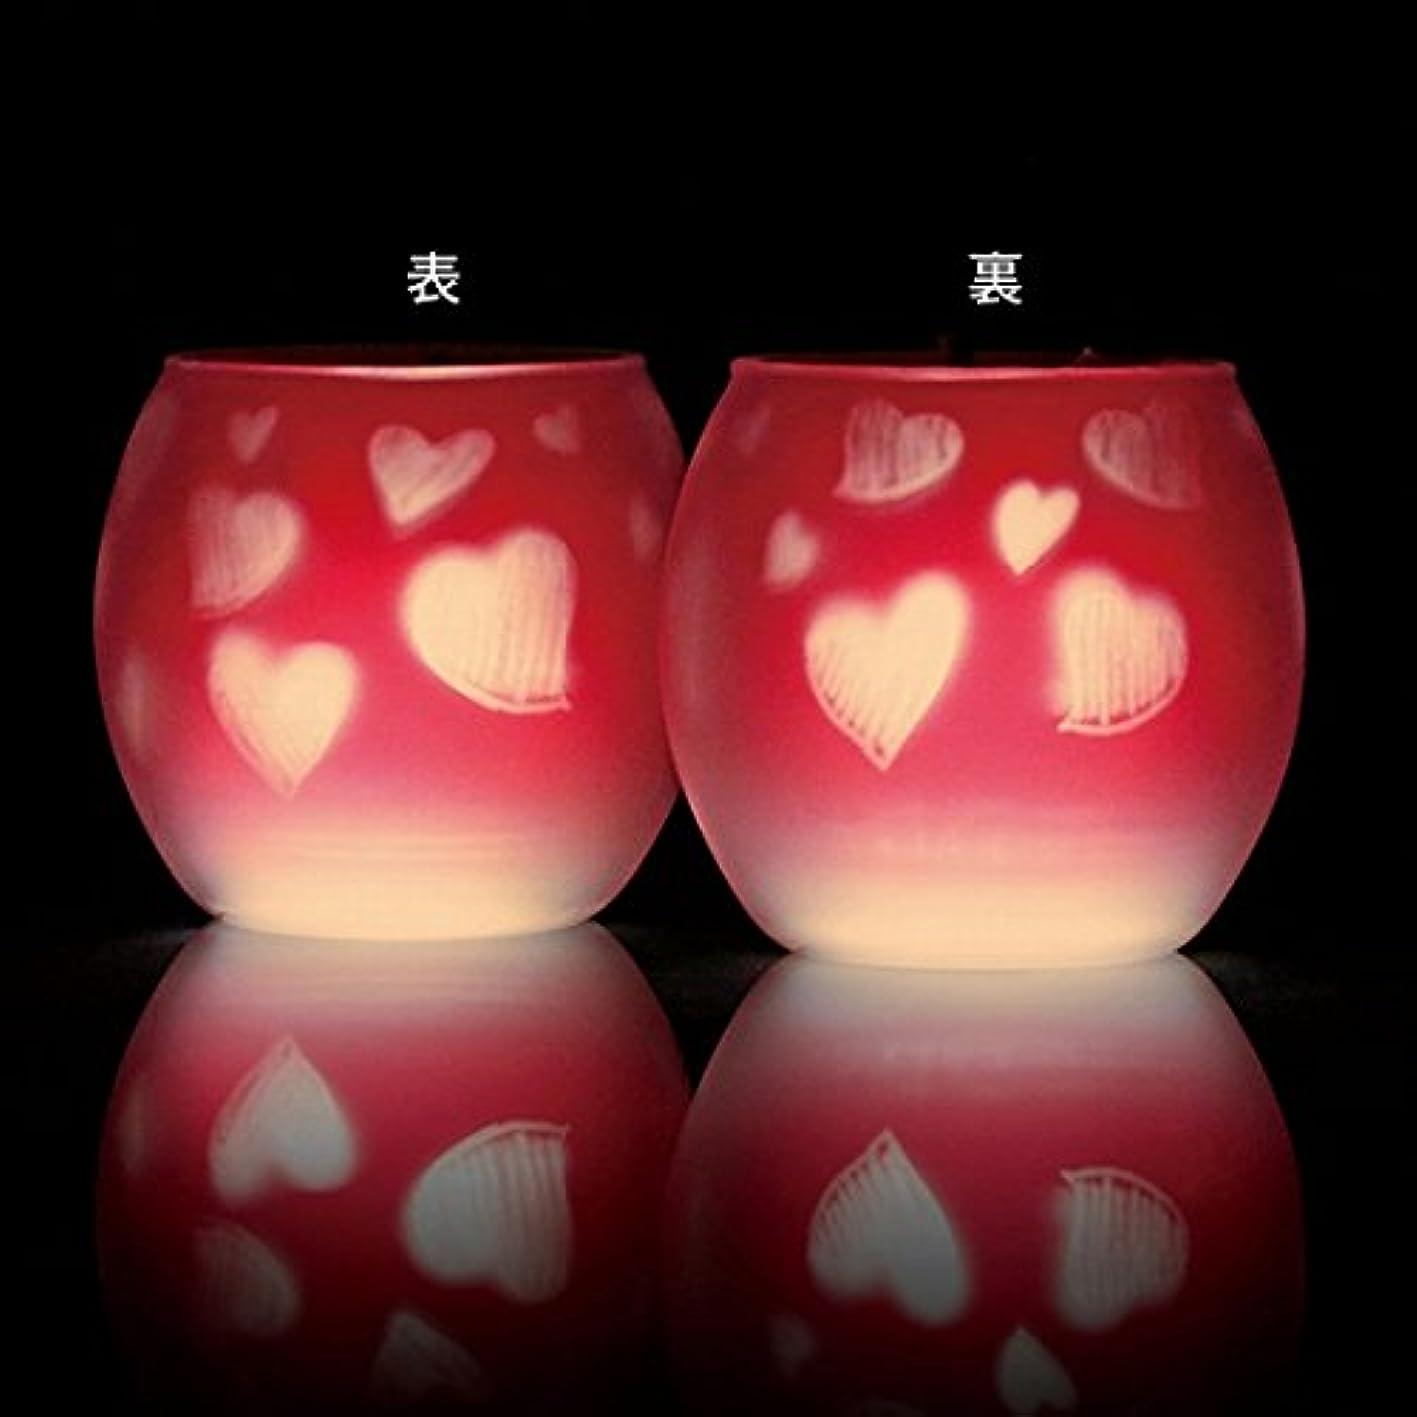 巨大な巨大な適合しましたカメヤマキャンドル(kameyama candle) ファインシルエットグラス【日本製キャンドル4個付き】「スイートハート」